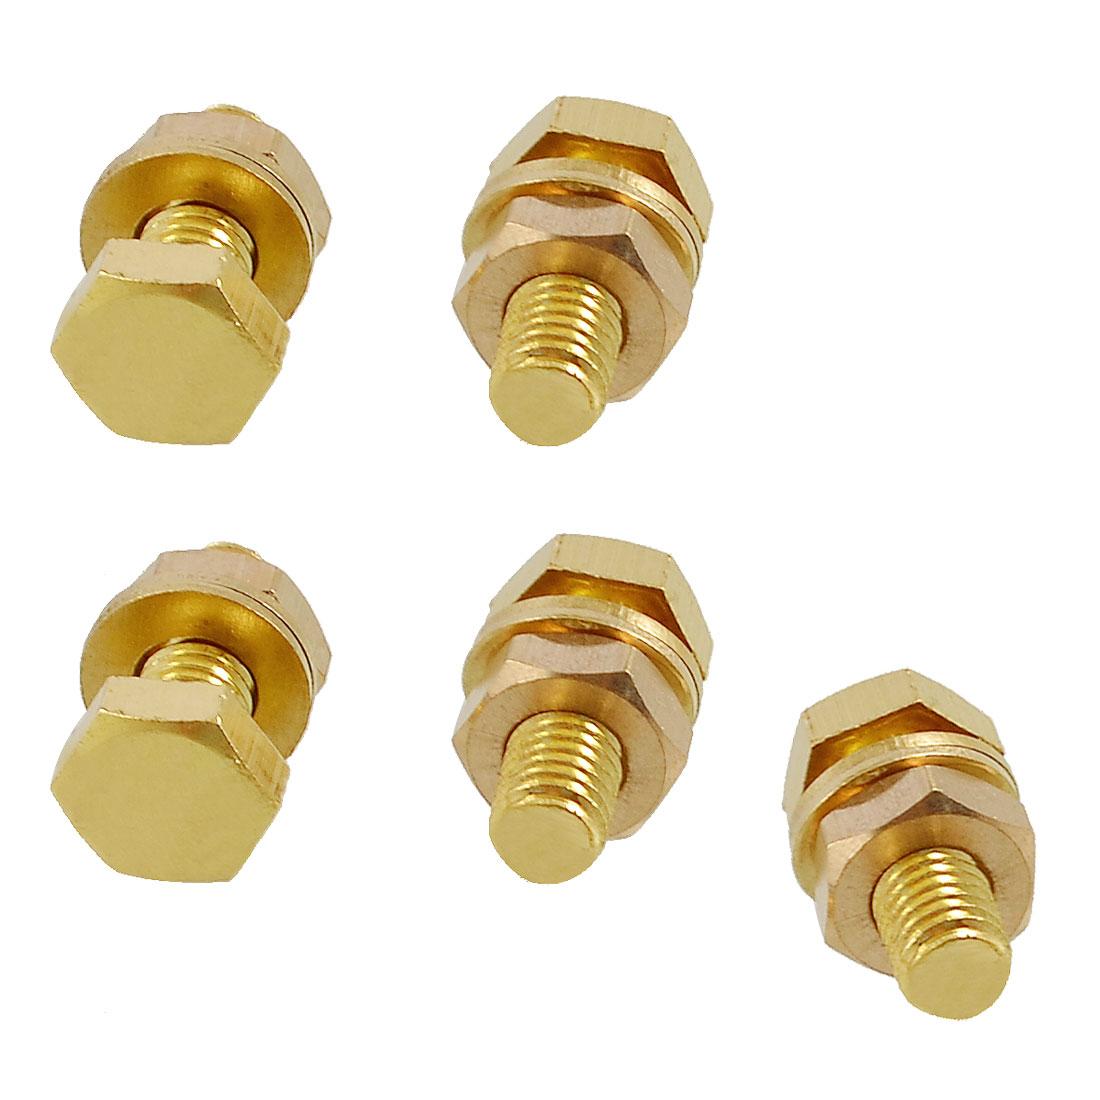 5 Pcs Hex Head Nut 8mm x 20mm Thread Solid Brass Screw Bolts w 2 Washers